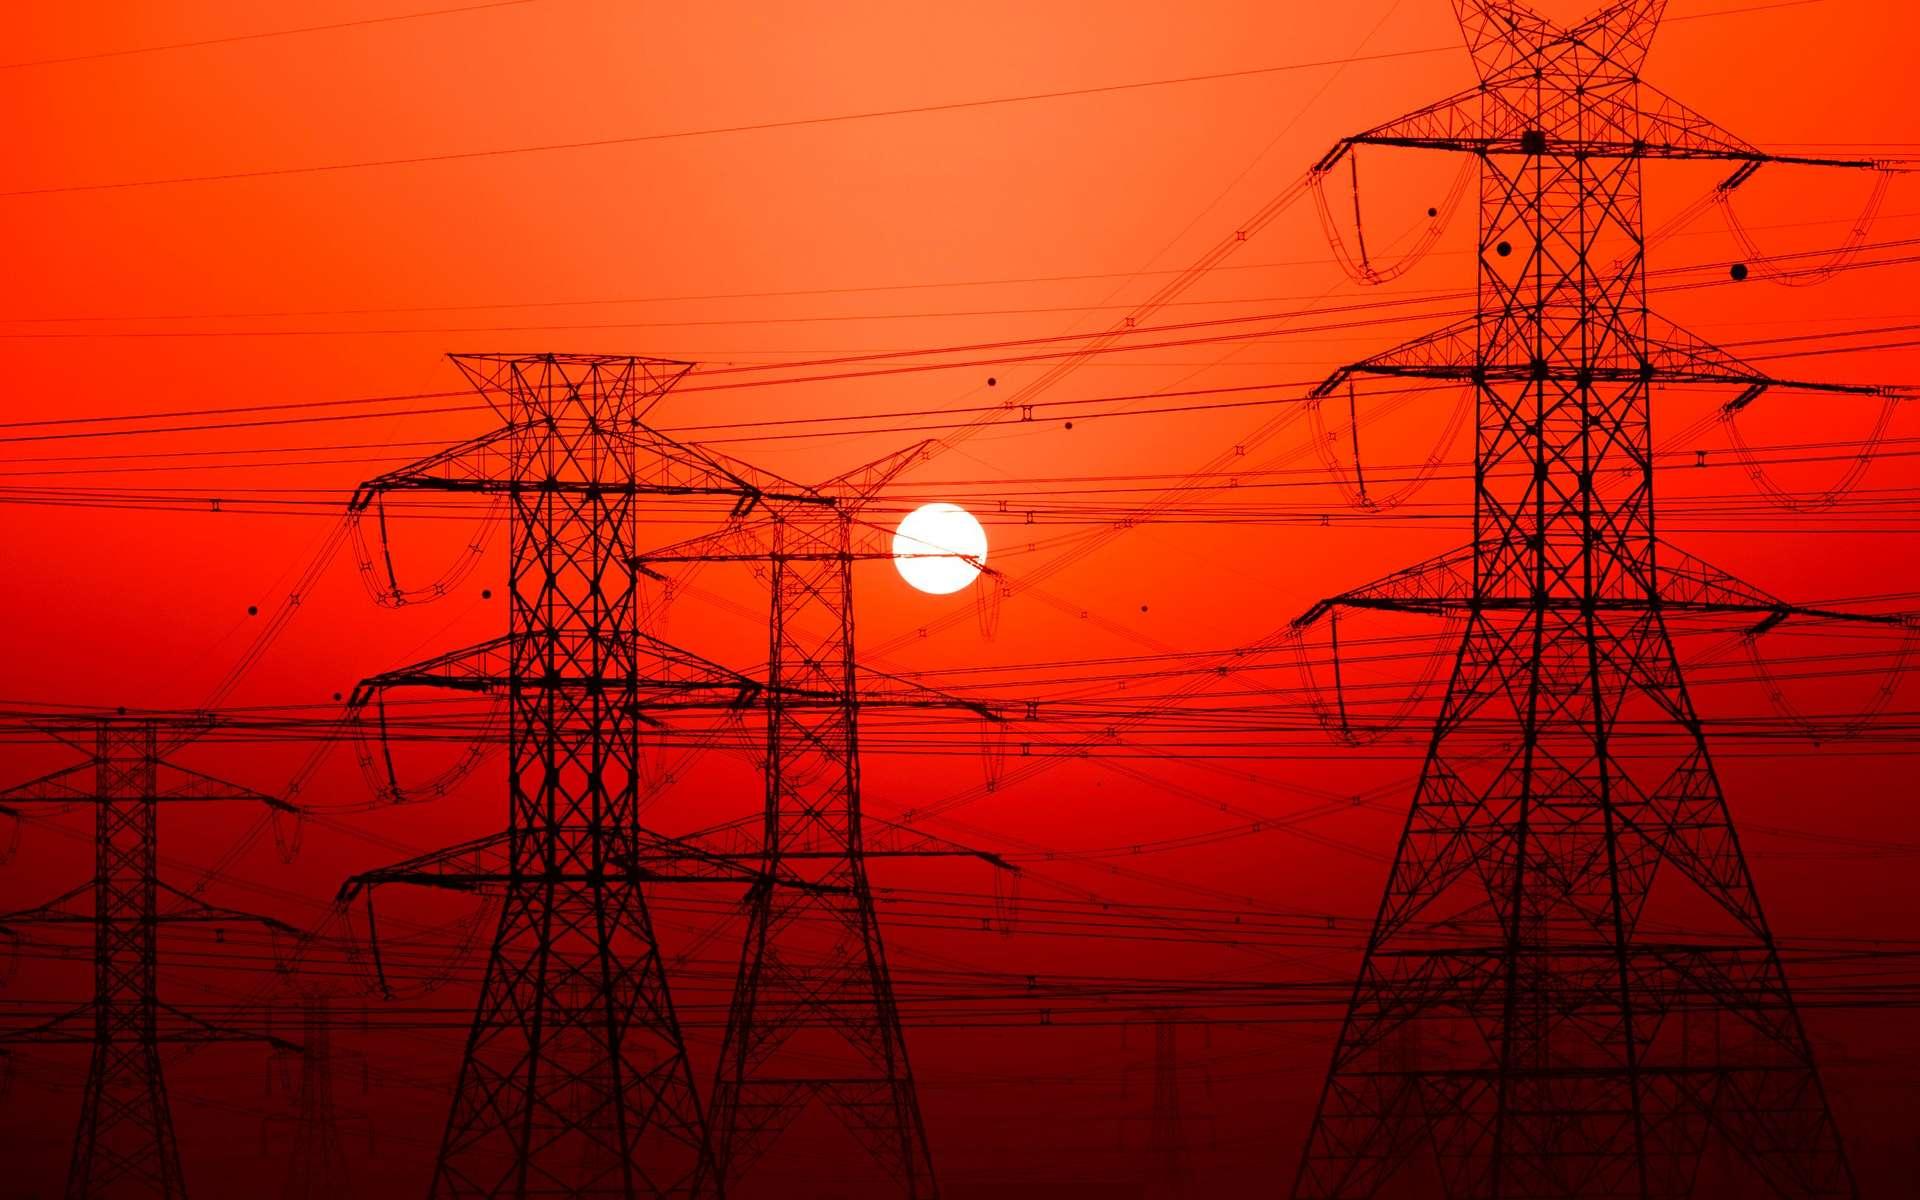 Une ligne à haute tension pour alimenter l'Europe en électricité chinoise ? © Ahi Alsaeedi, Unsplash